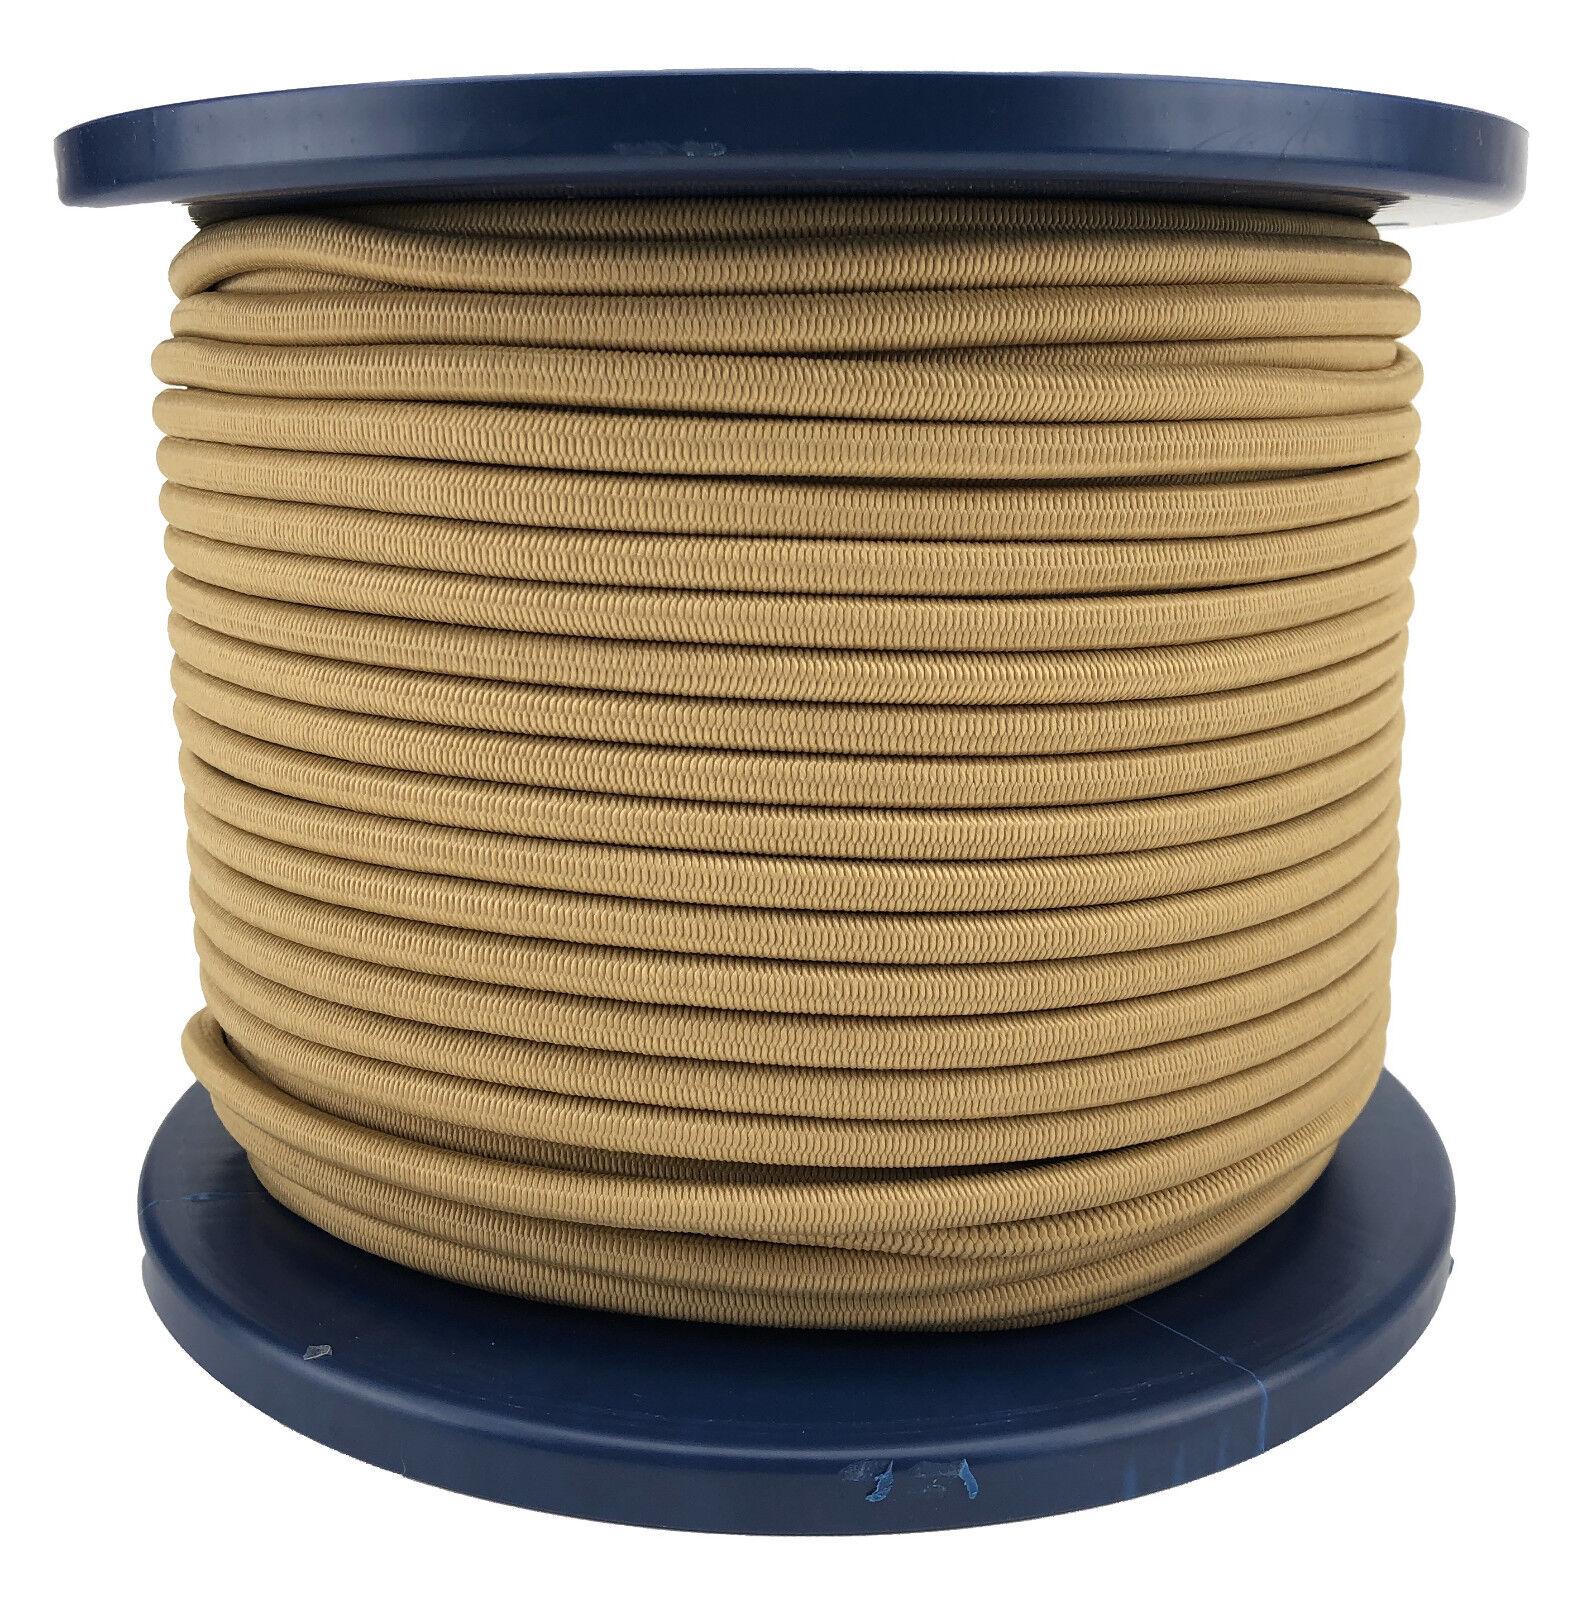 6mm Beige Cuerda  Elástica Cuerda X 75 Metros Cuerda Elástica Anudable  Obtén lo ultimo